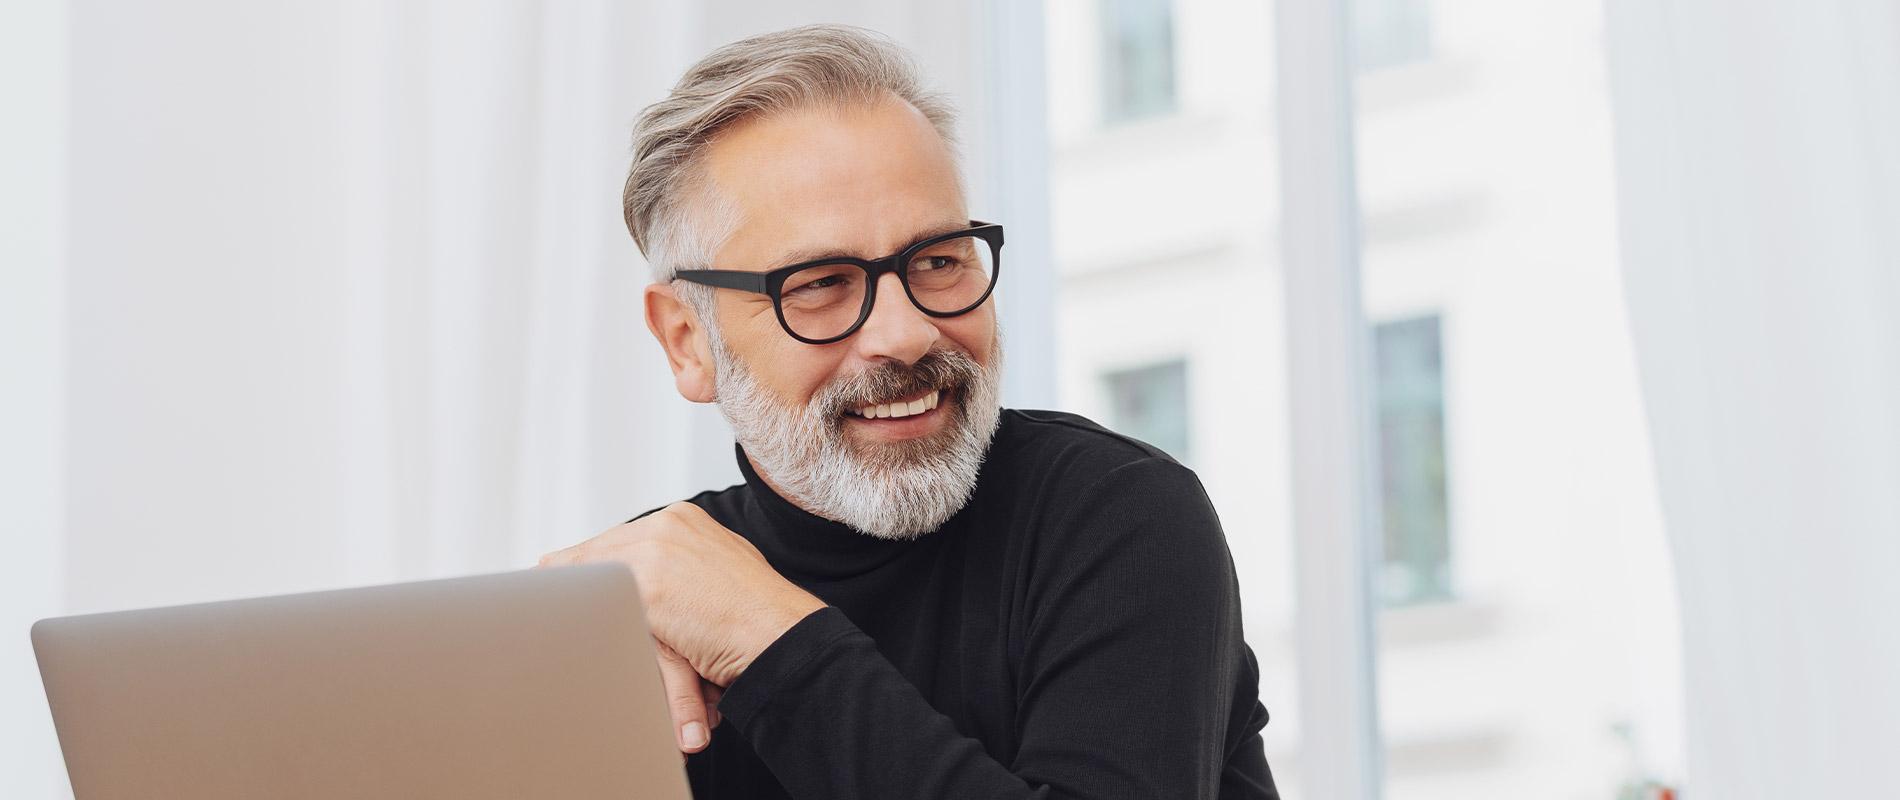 Mann lacht nach Facelifting ohne OP Hannover natürlich